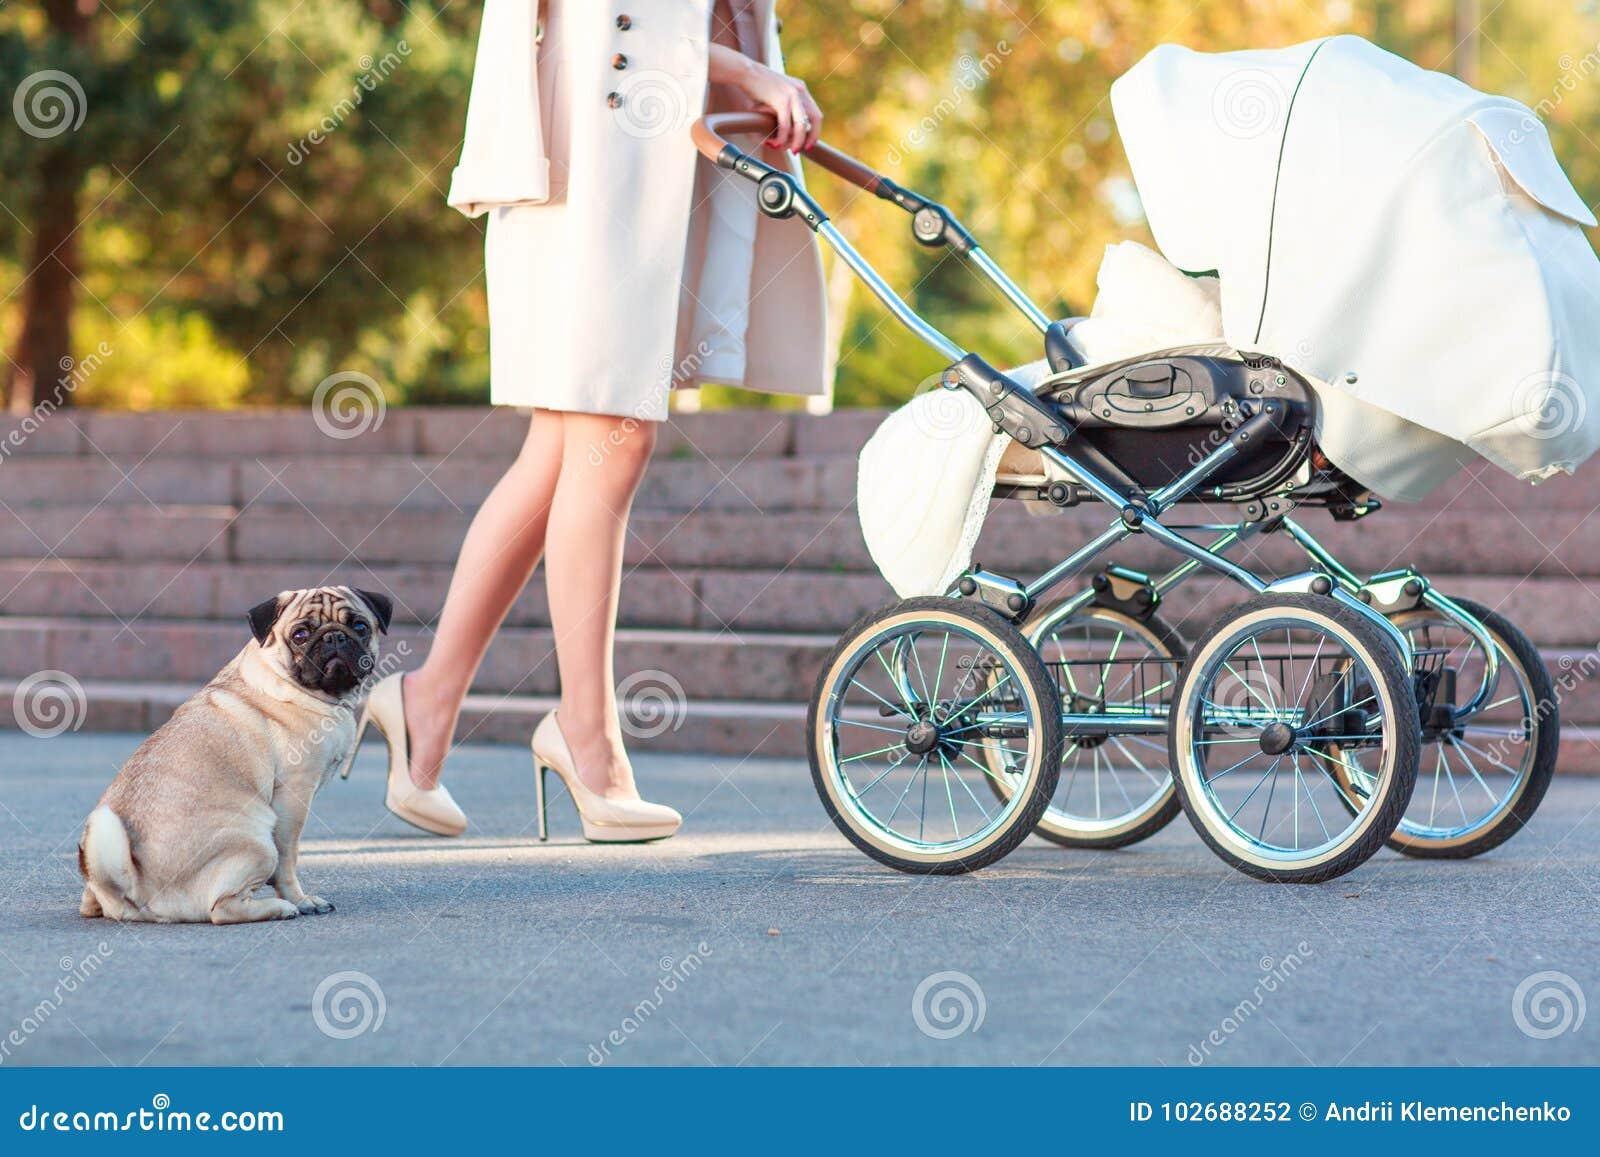 Ein Mädchen rollt einen Rollstuhl und ein Hund sitzt nahe bei ihr draußen